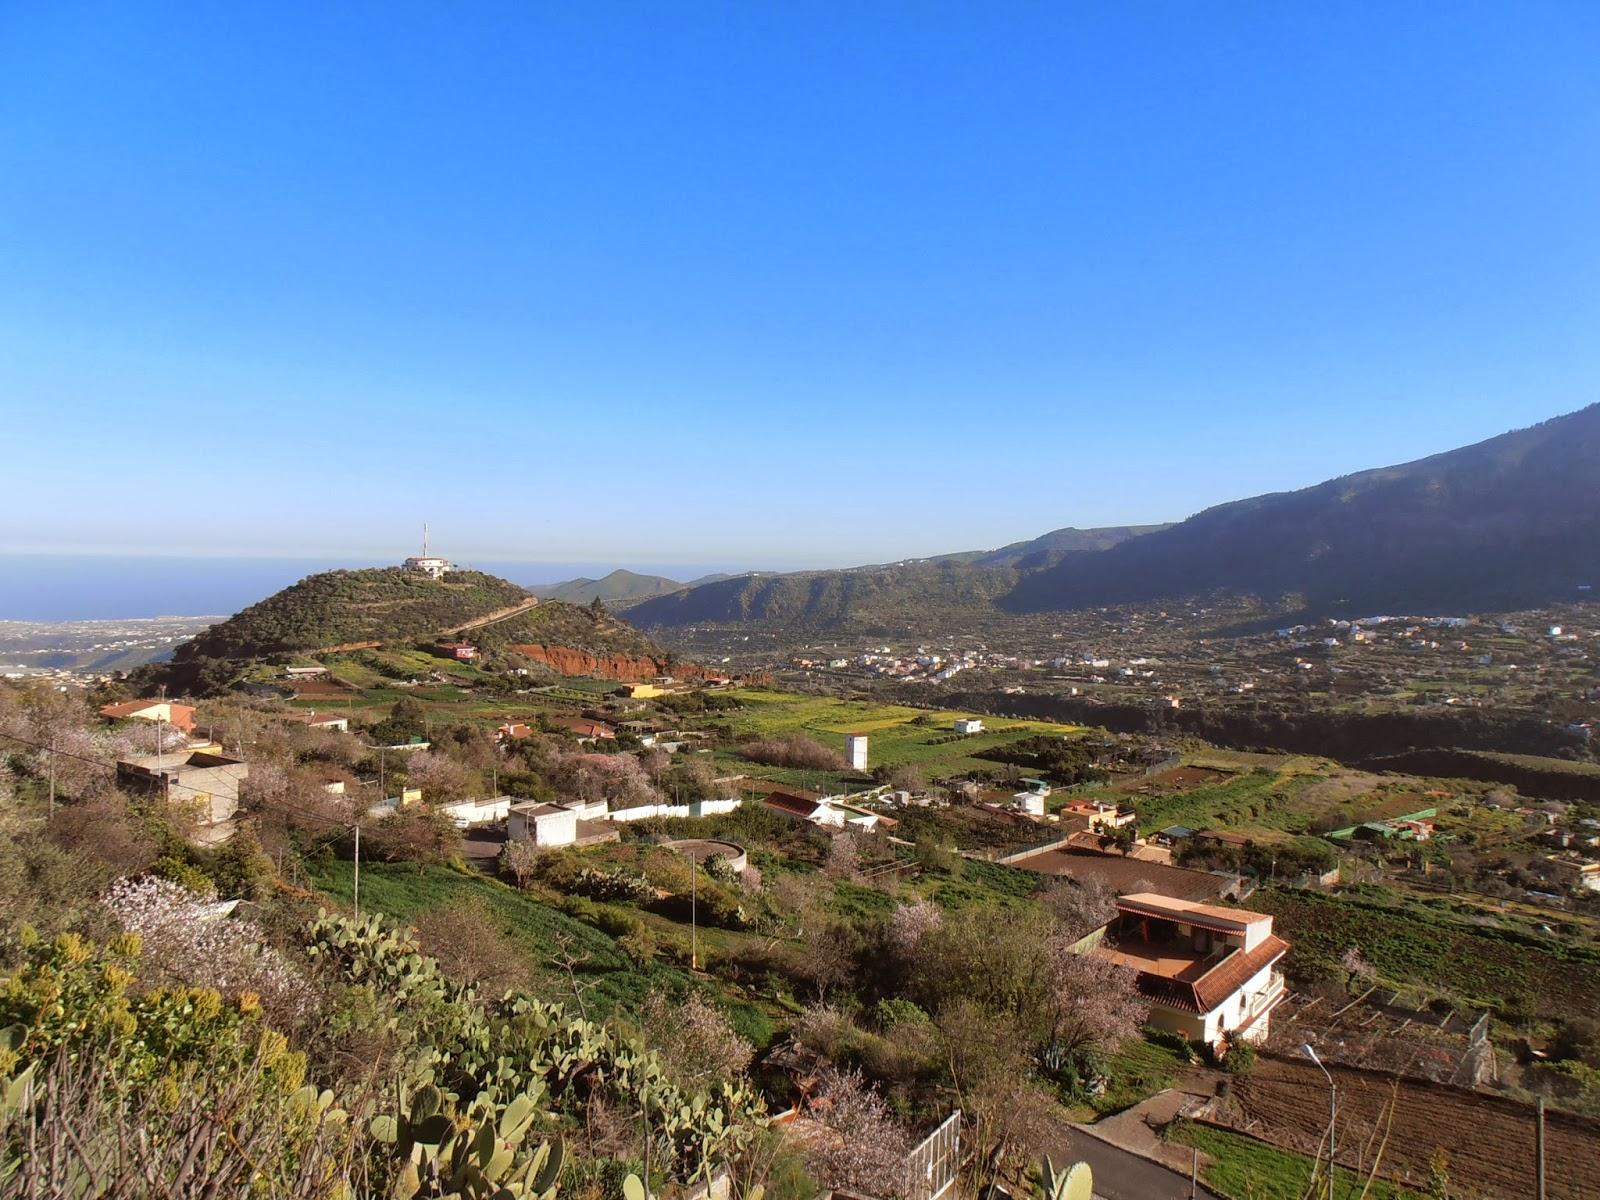 Montaña de El Helechal